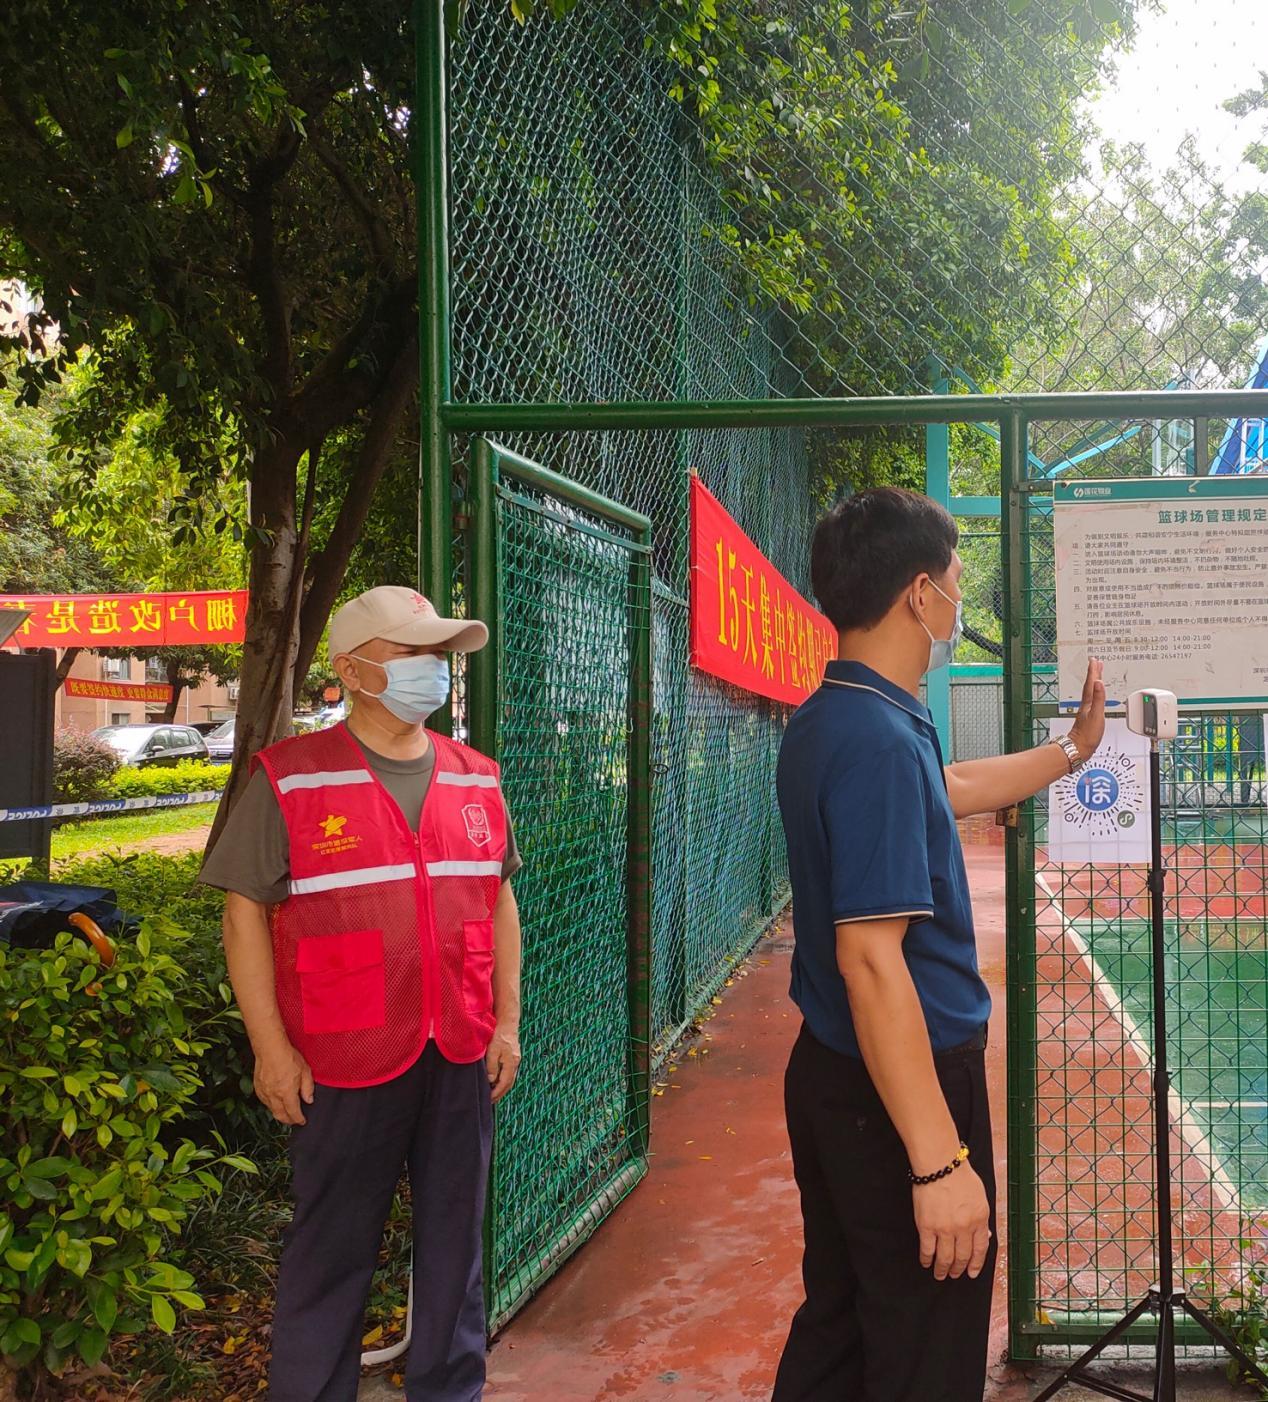 龙辉、龙联花园棚改项目签约启动 南山区桃源街道退役军人红星志愿队助力